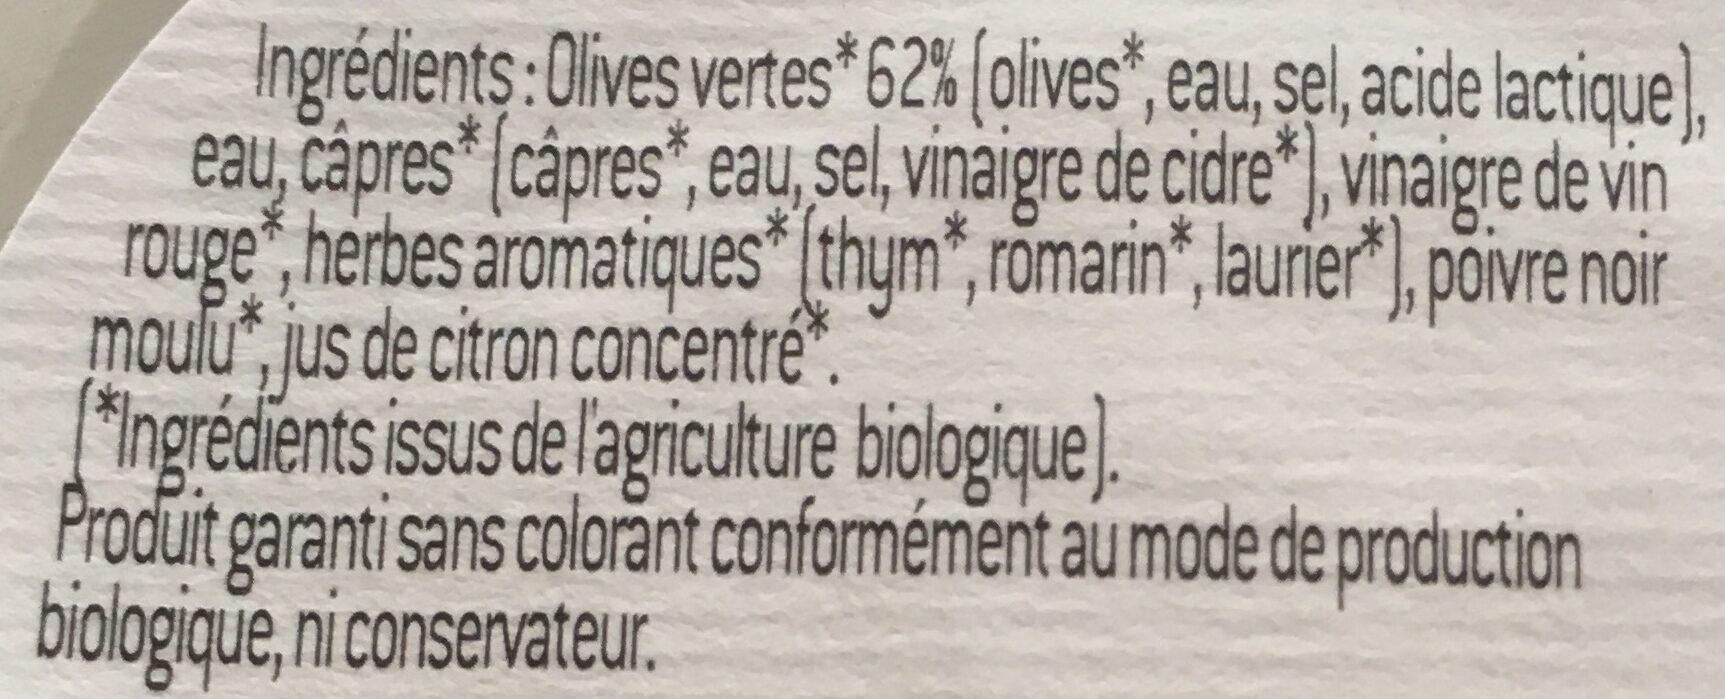 Olives vertes - Ingredients - fr